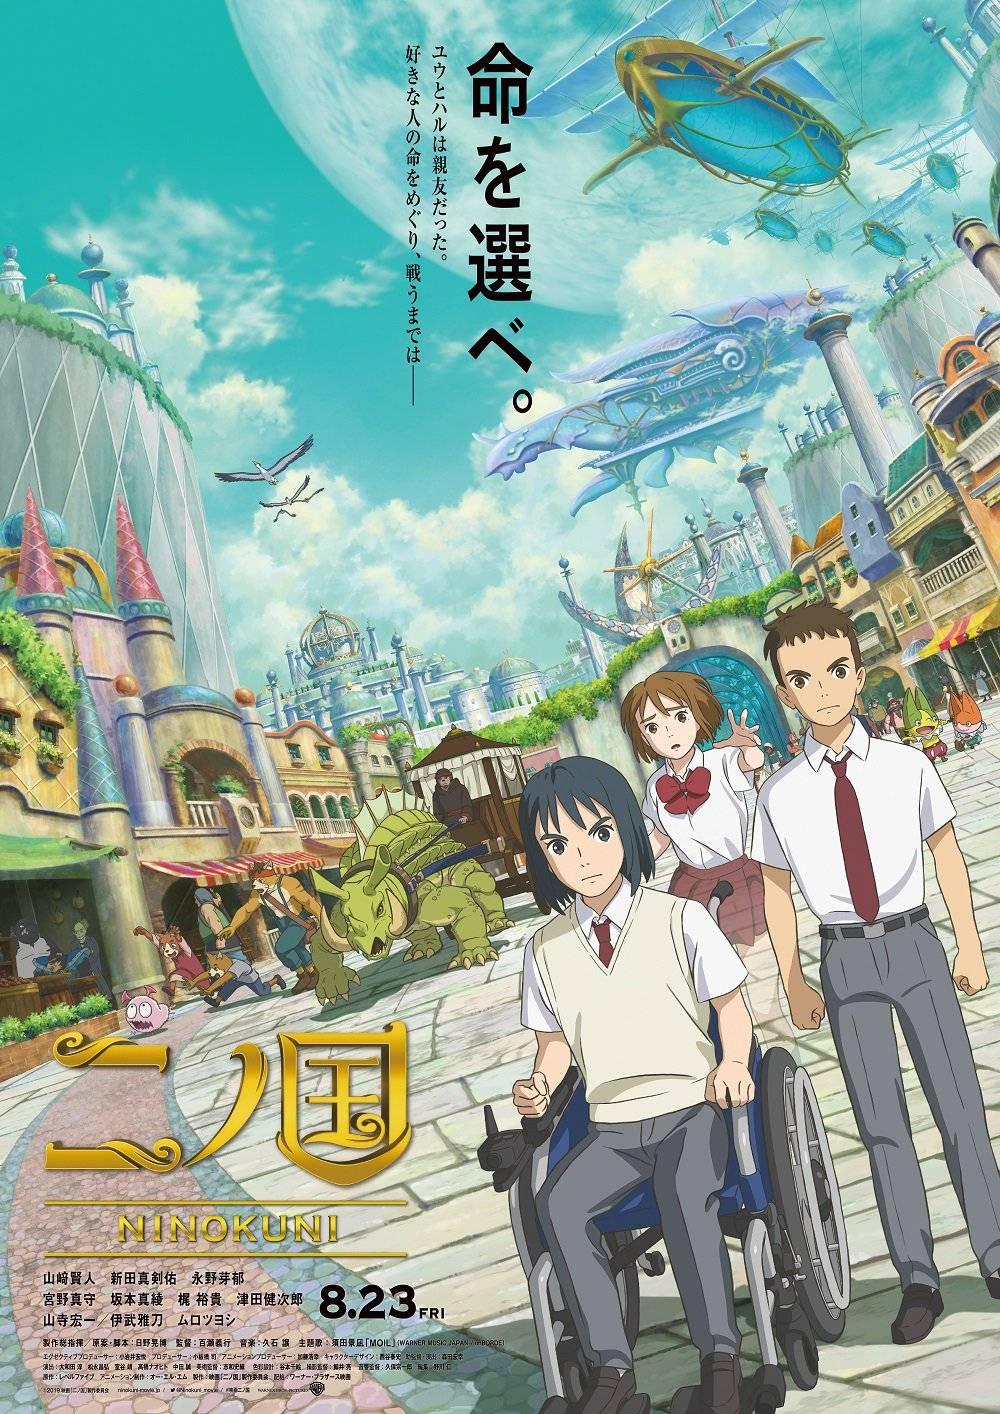 Warner Bros. показала постер и второй трейлер мультфильма по видеоигре Ni no Kuni